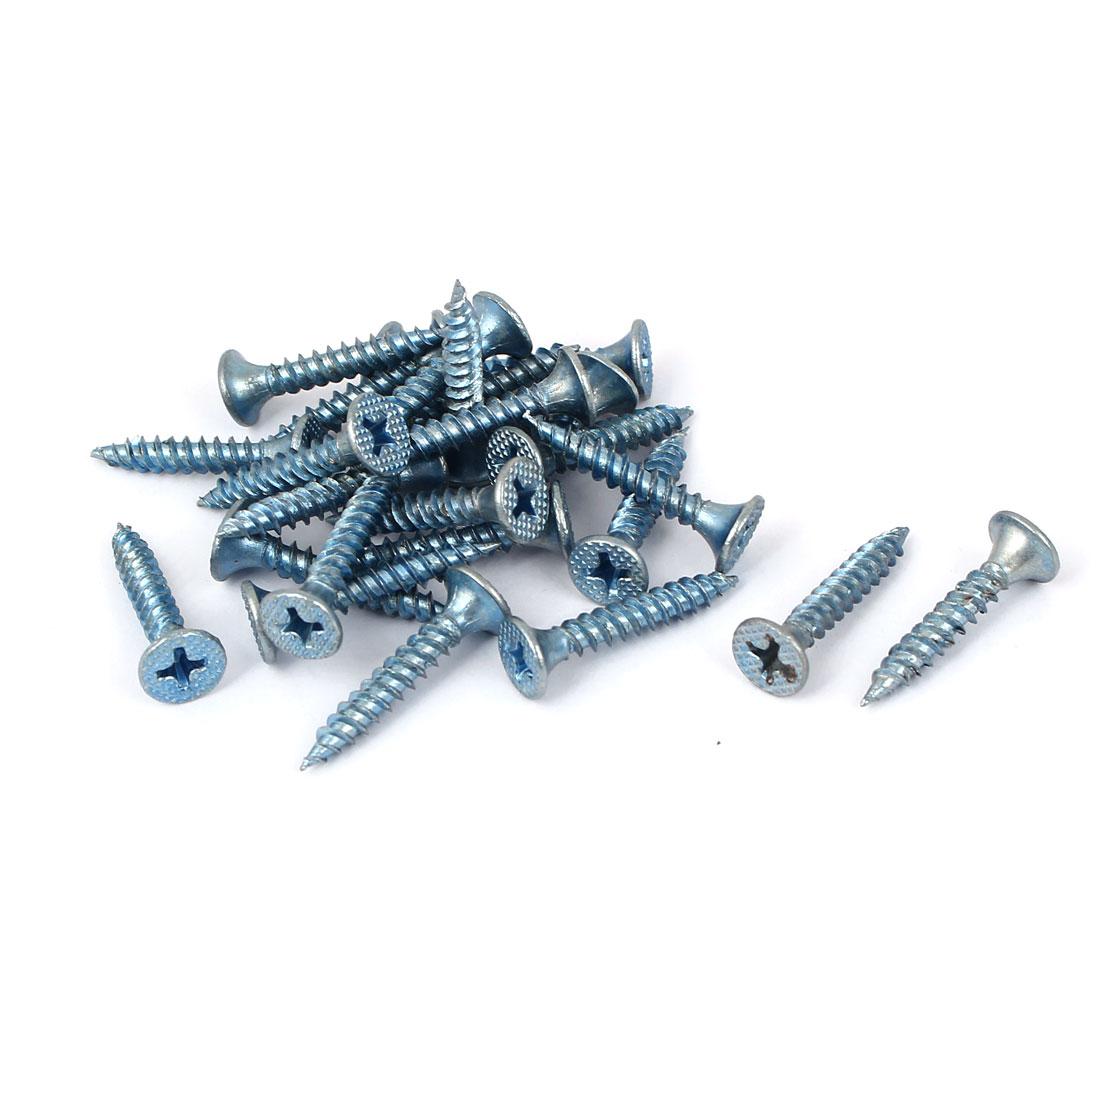 M3.5x25mm Zinc Plated Phillips Flat Head Self Tapping Screws Fastener 25pcs